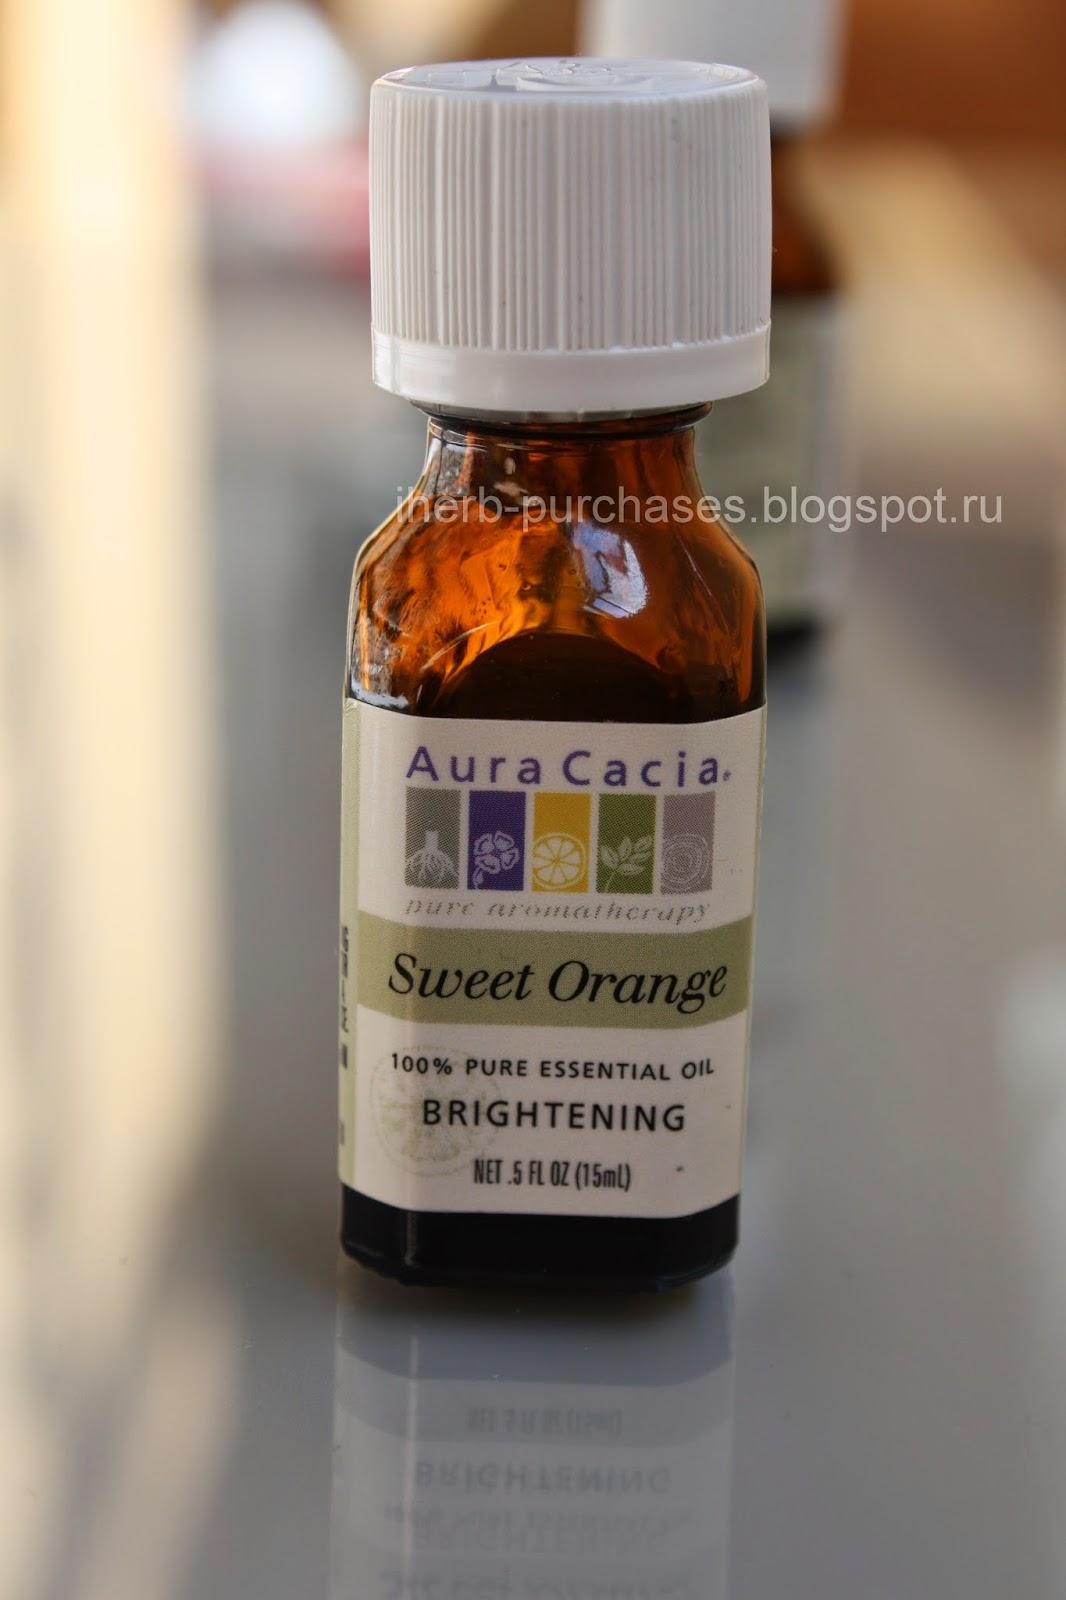 эфирное масло апельсина, от целлюлита, ароматерапия, аромалампа, отзыв, iherb